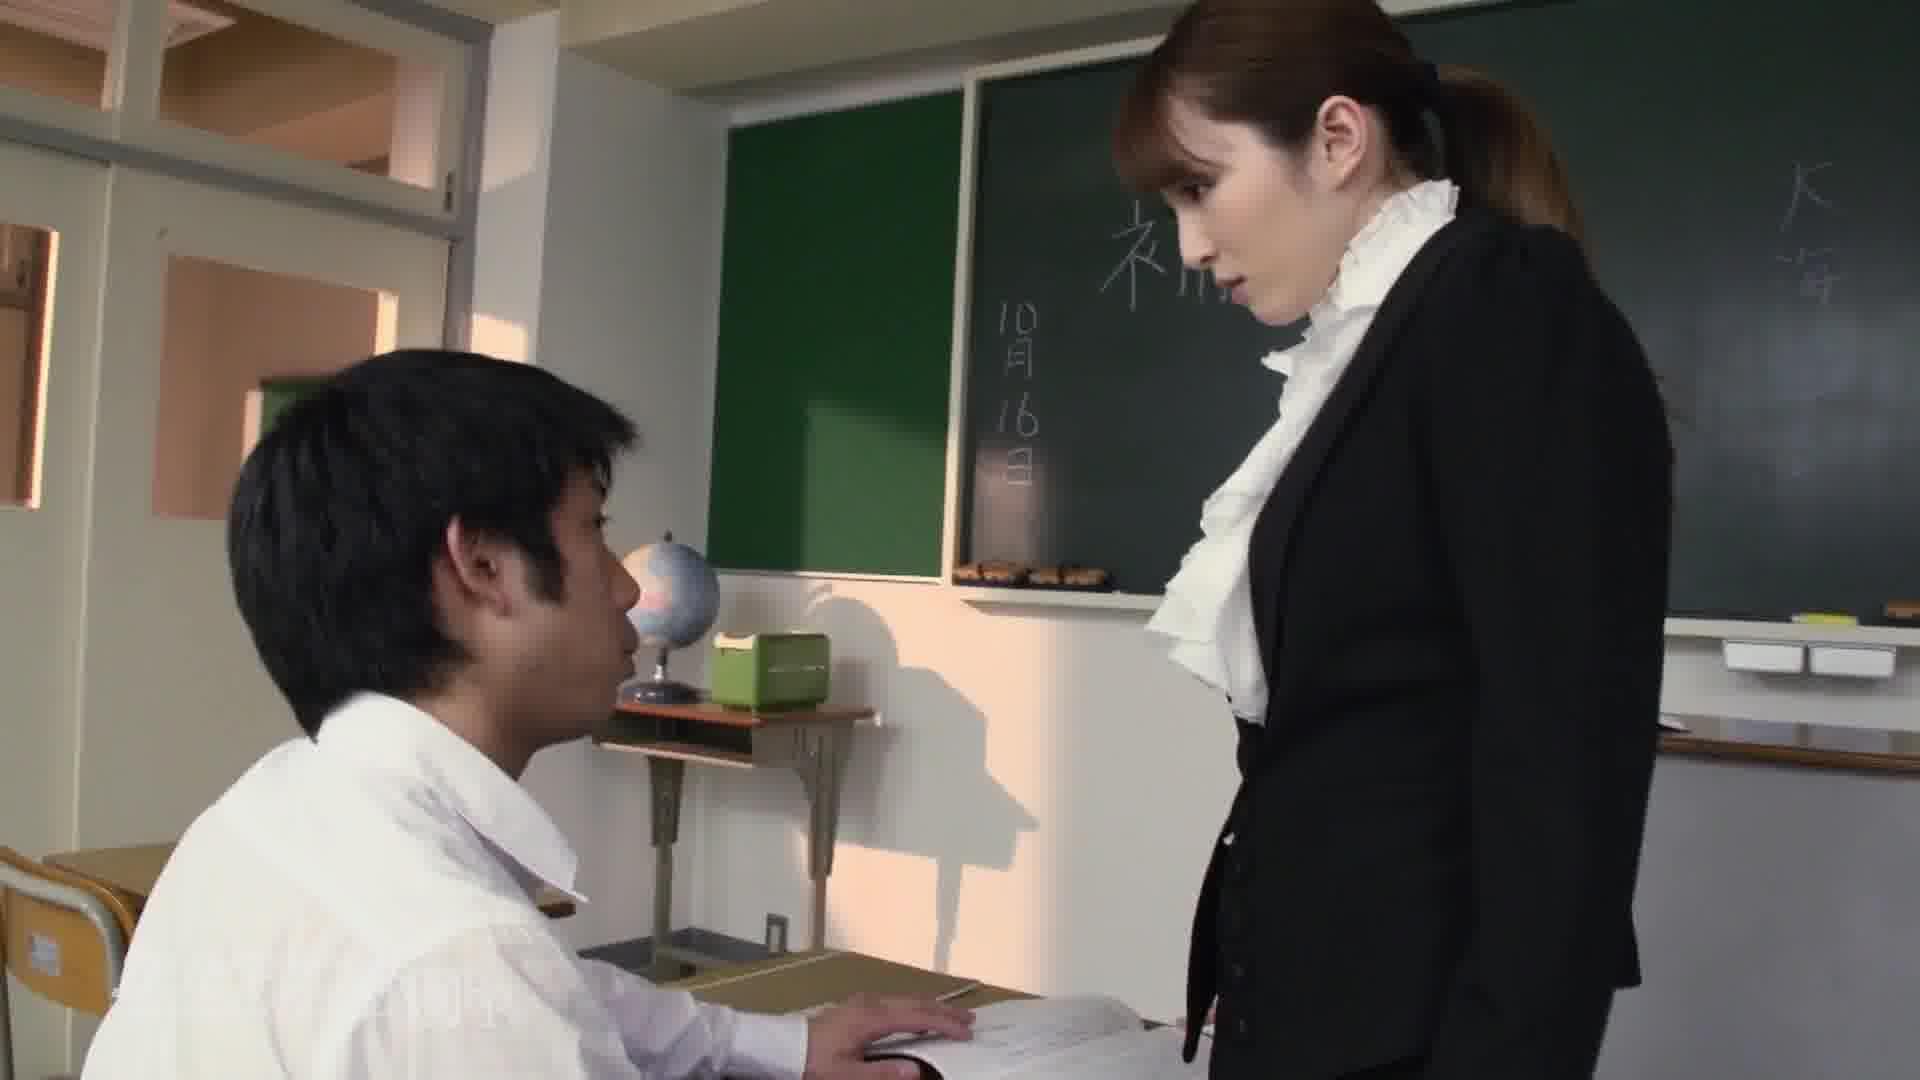 慟哭の女教師 前編 ~だらしなく砕け散るプライド~ - 大橋未久【女教師・ハード系・中出し】